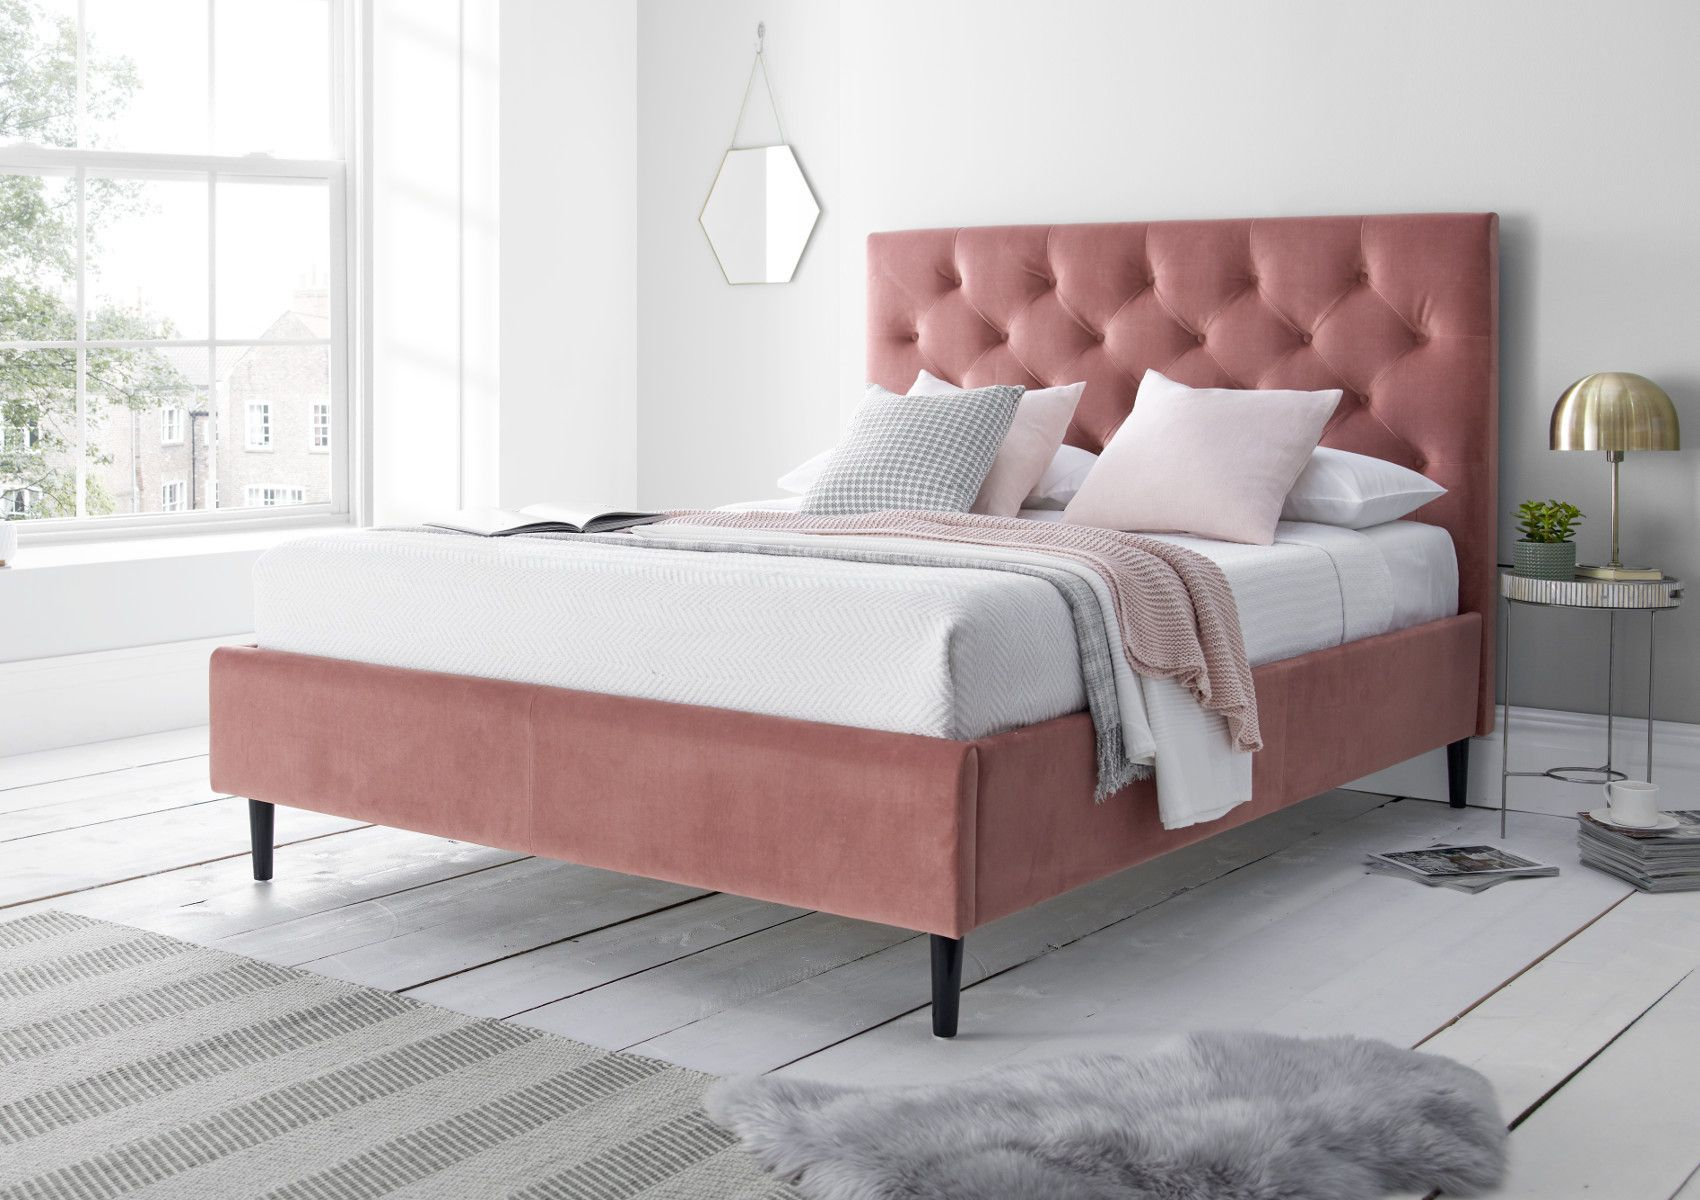 Piper Rosa Pink Upholstered Bed Frame Upholstered Bed Frame